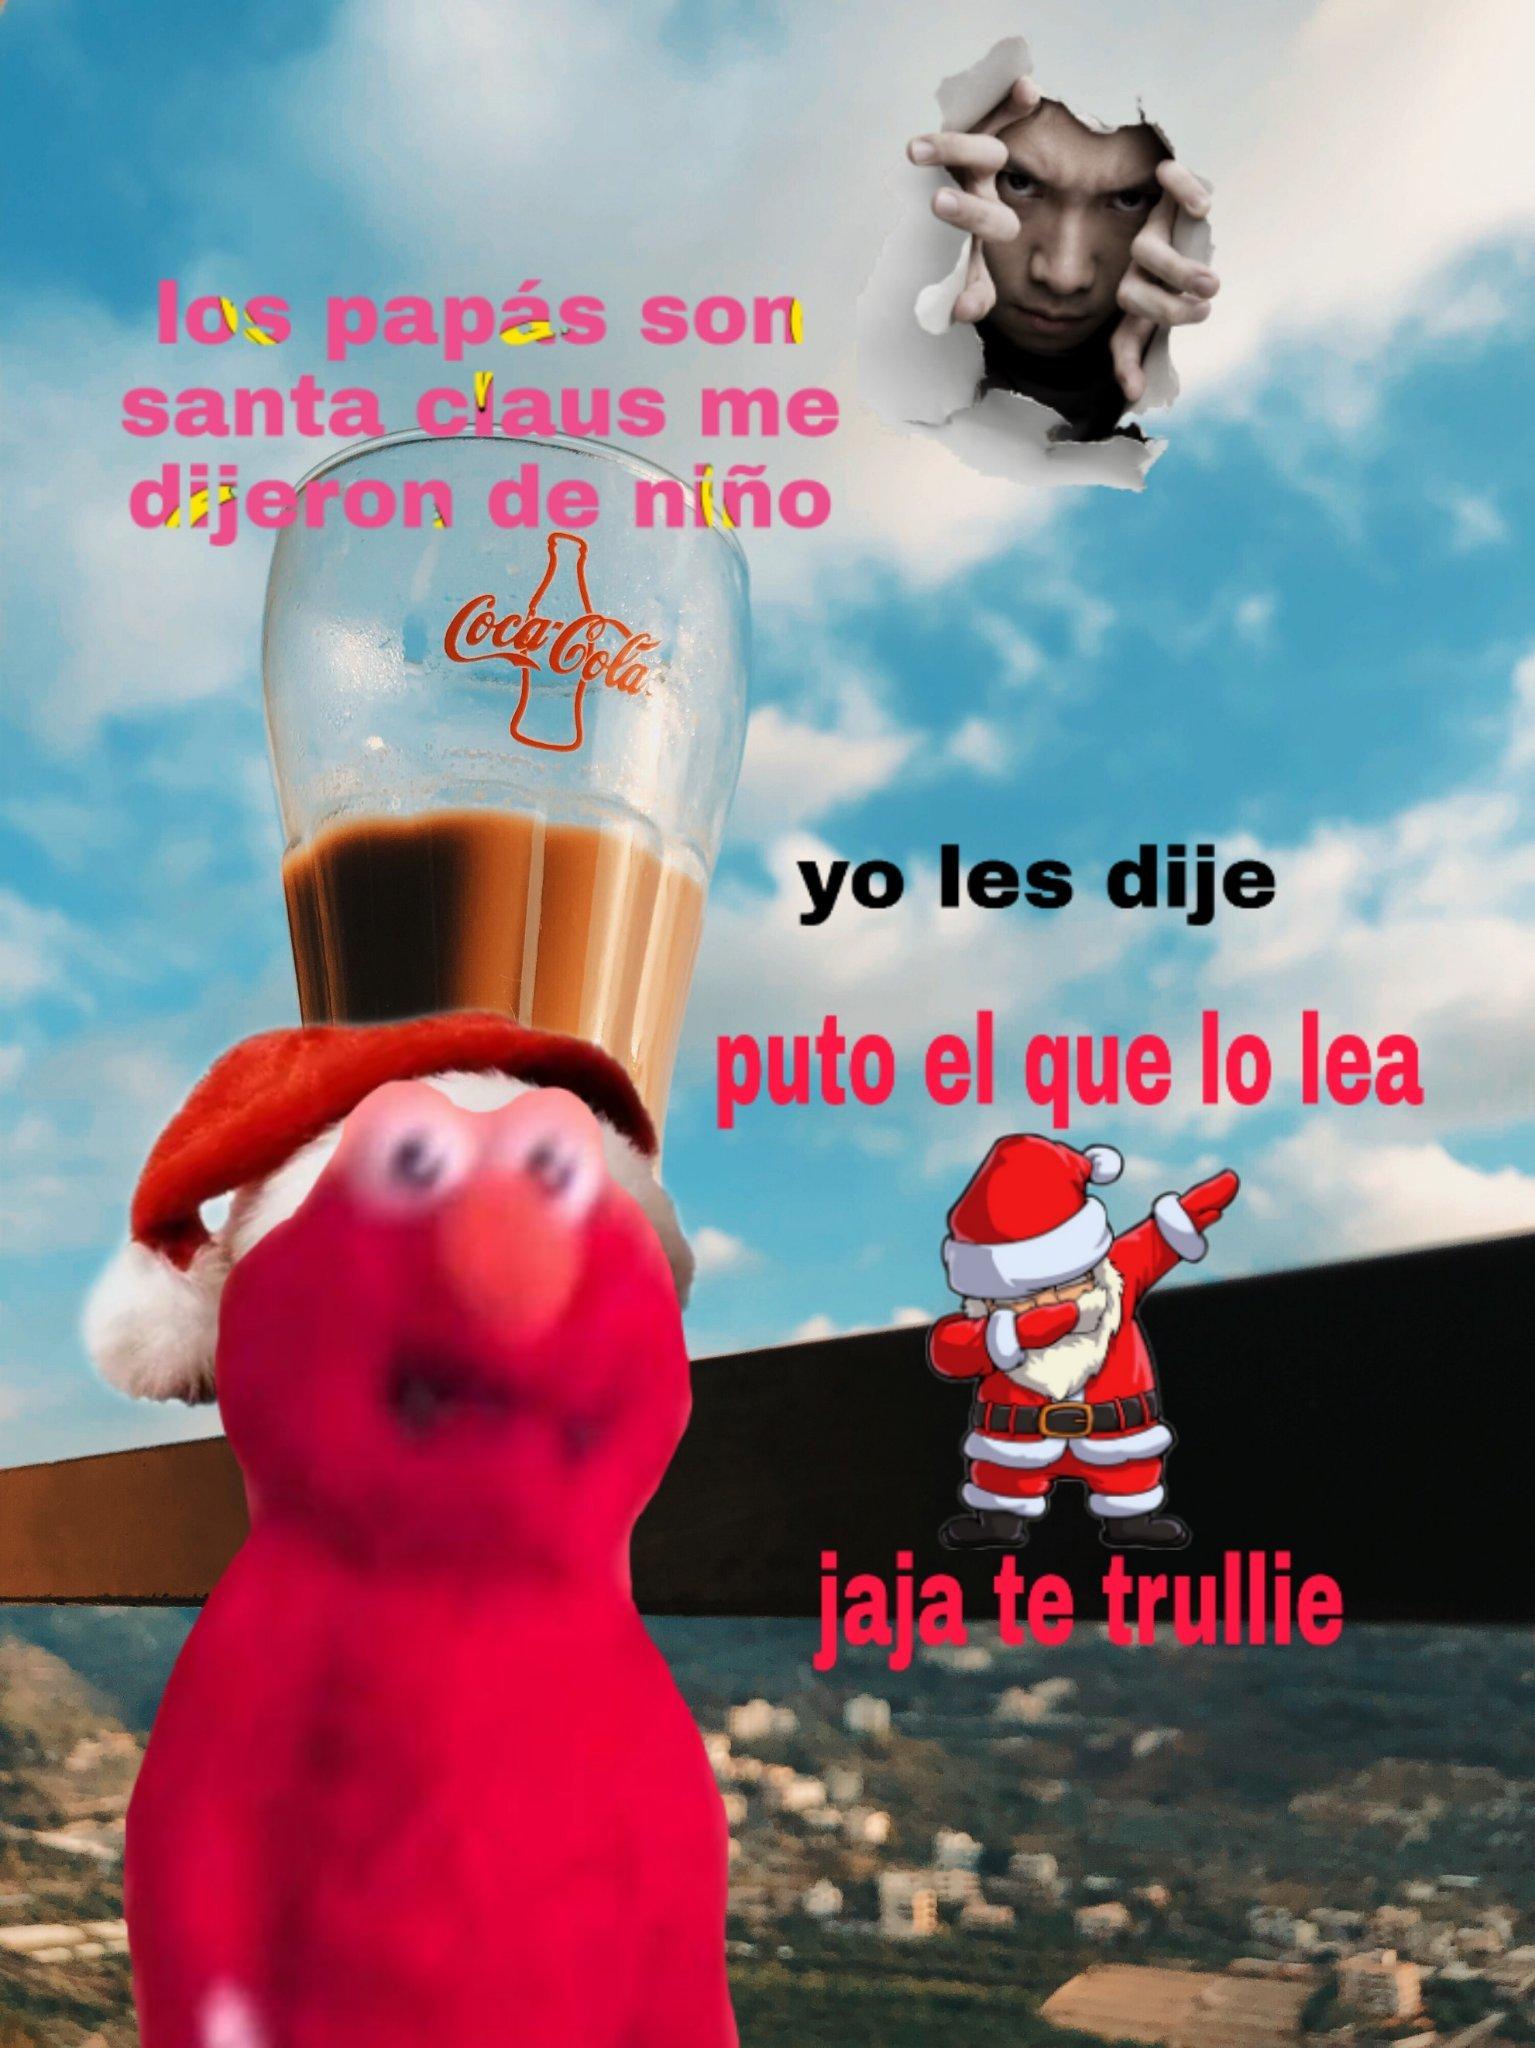 Nodarisa._·DX - meme